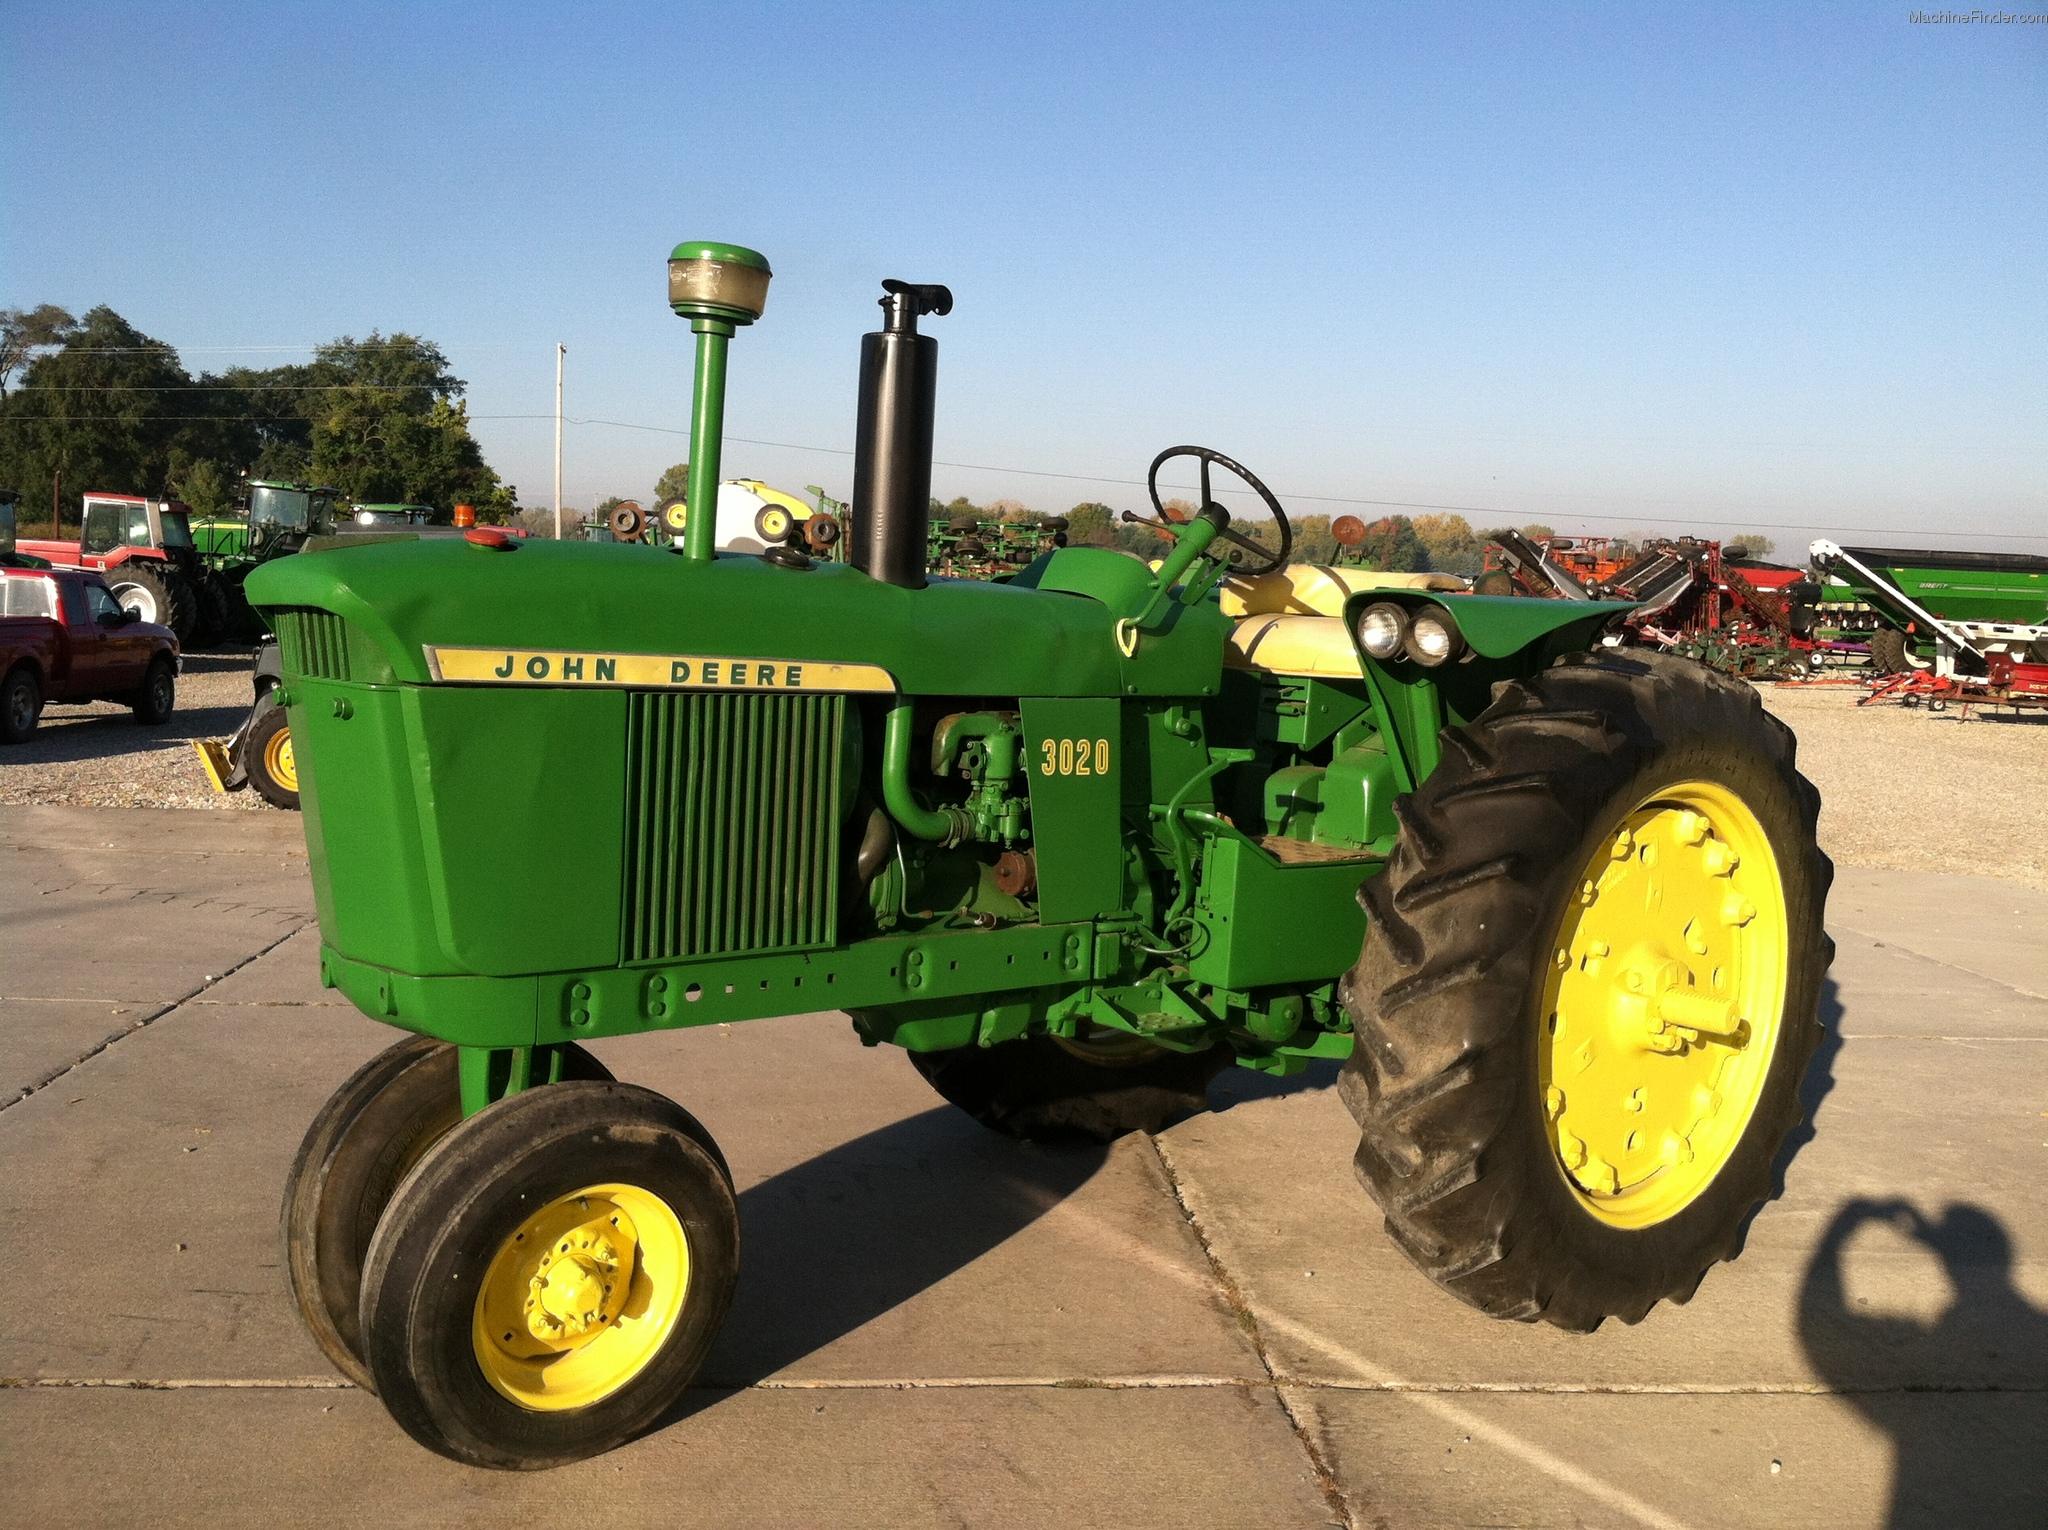 1964 John Deere 3020 Tractors - Row Crop (+100hp) - John ...